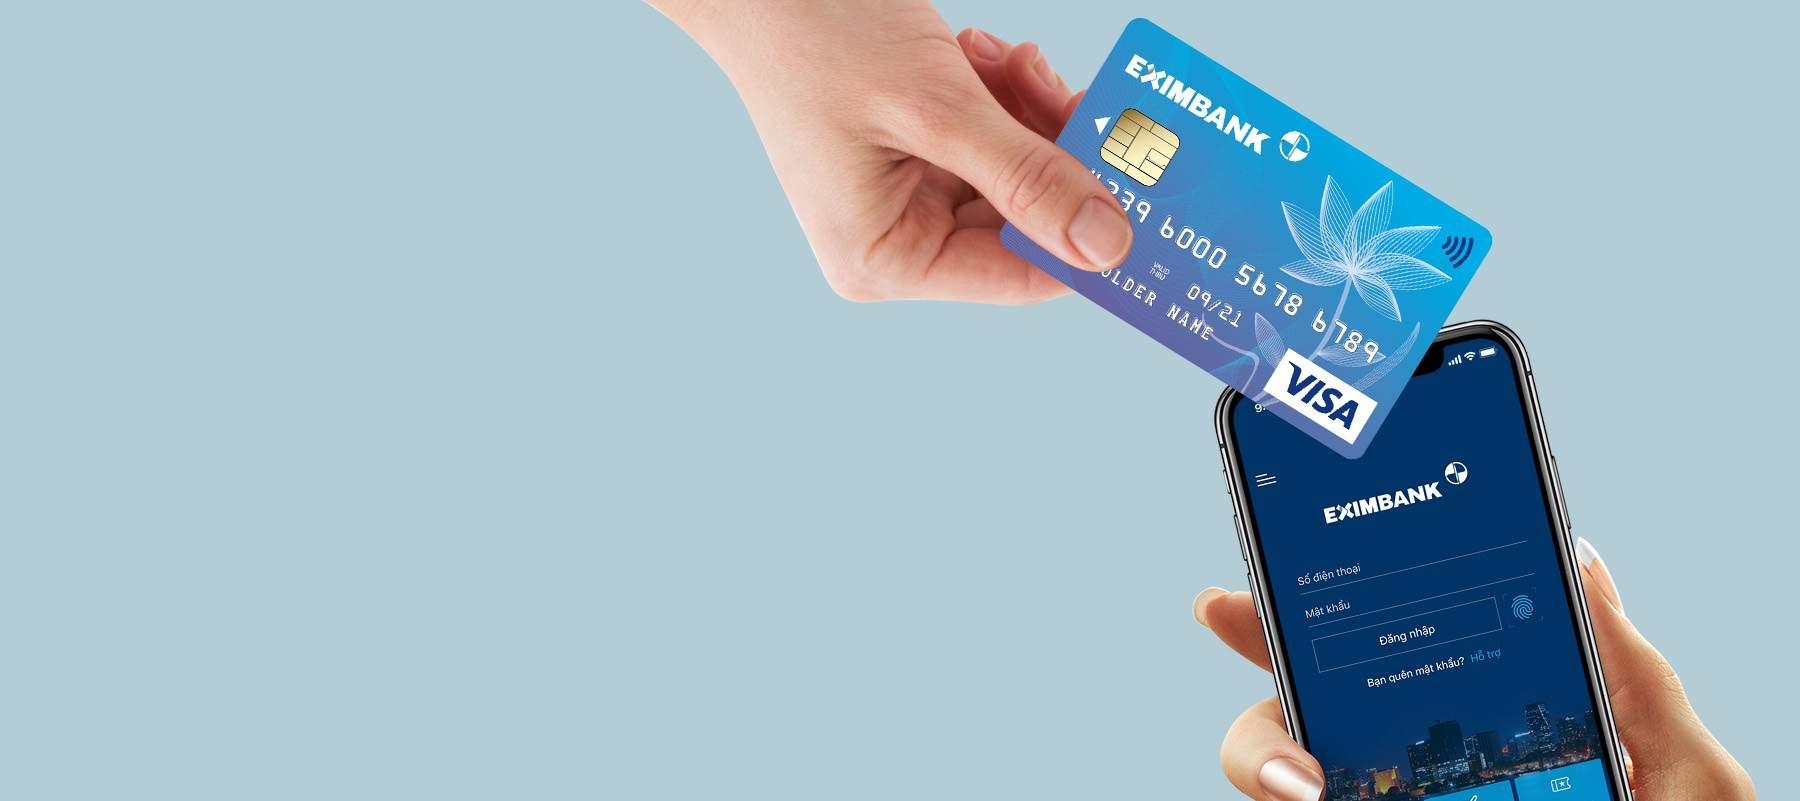 Các loại thẻ ATM Eximbank